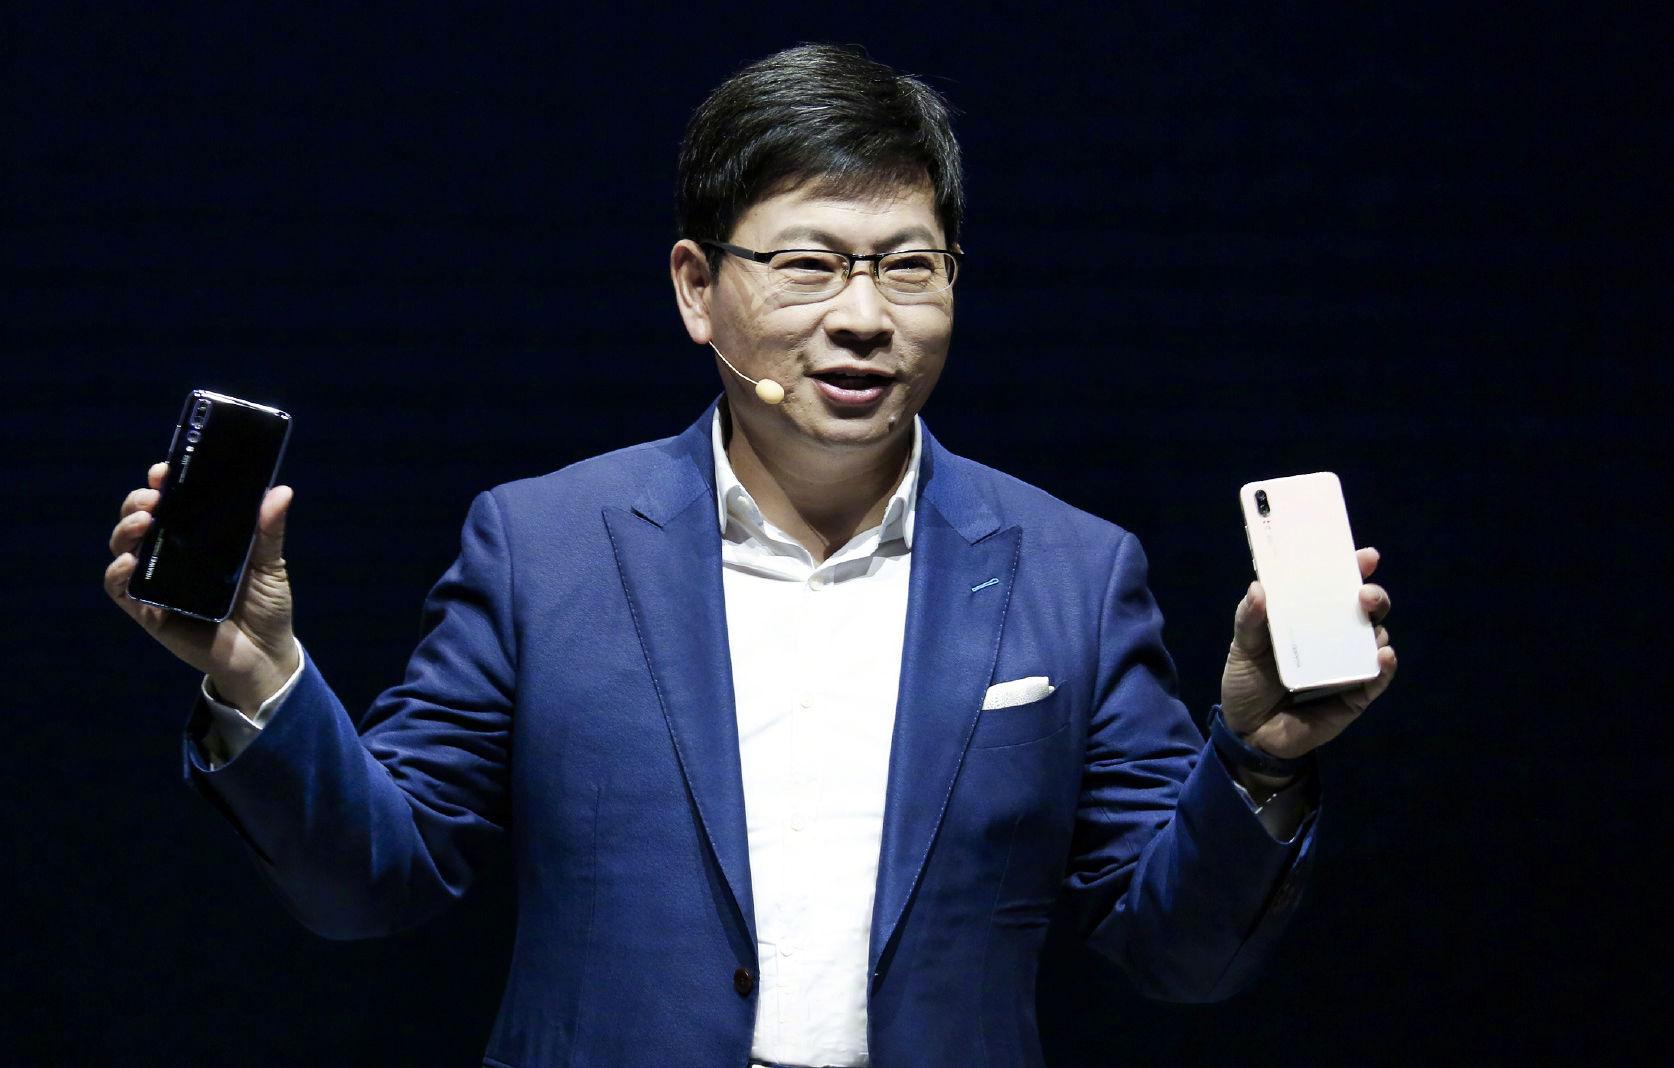 美媒假想苹果在华禁售:华为将成最大智能手机制造商